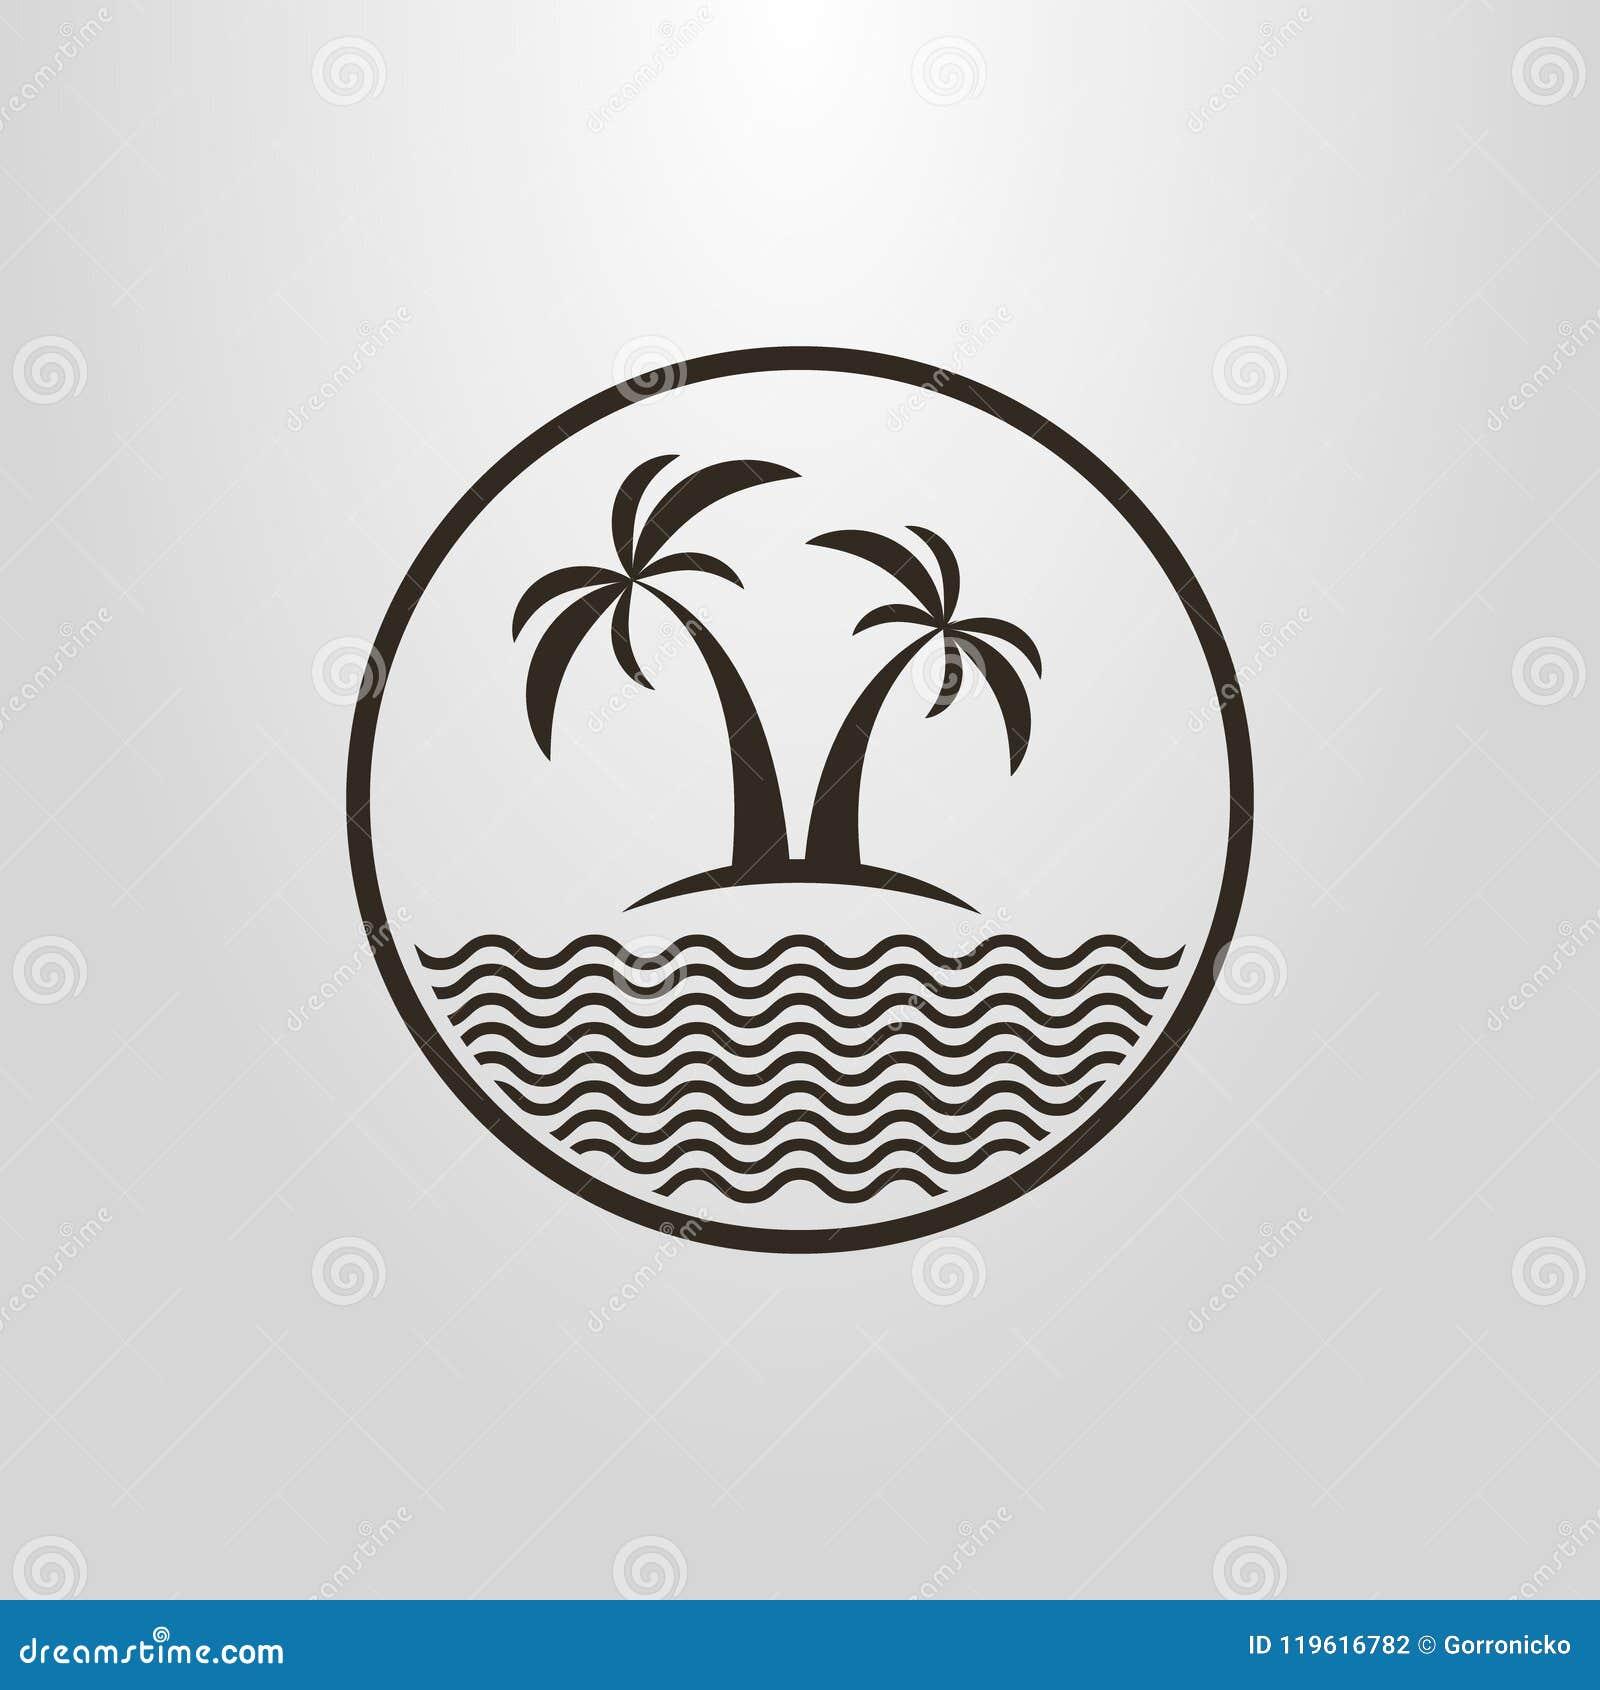 Pictograma simple del vector de dos palmeras y un mar en un marco redondo